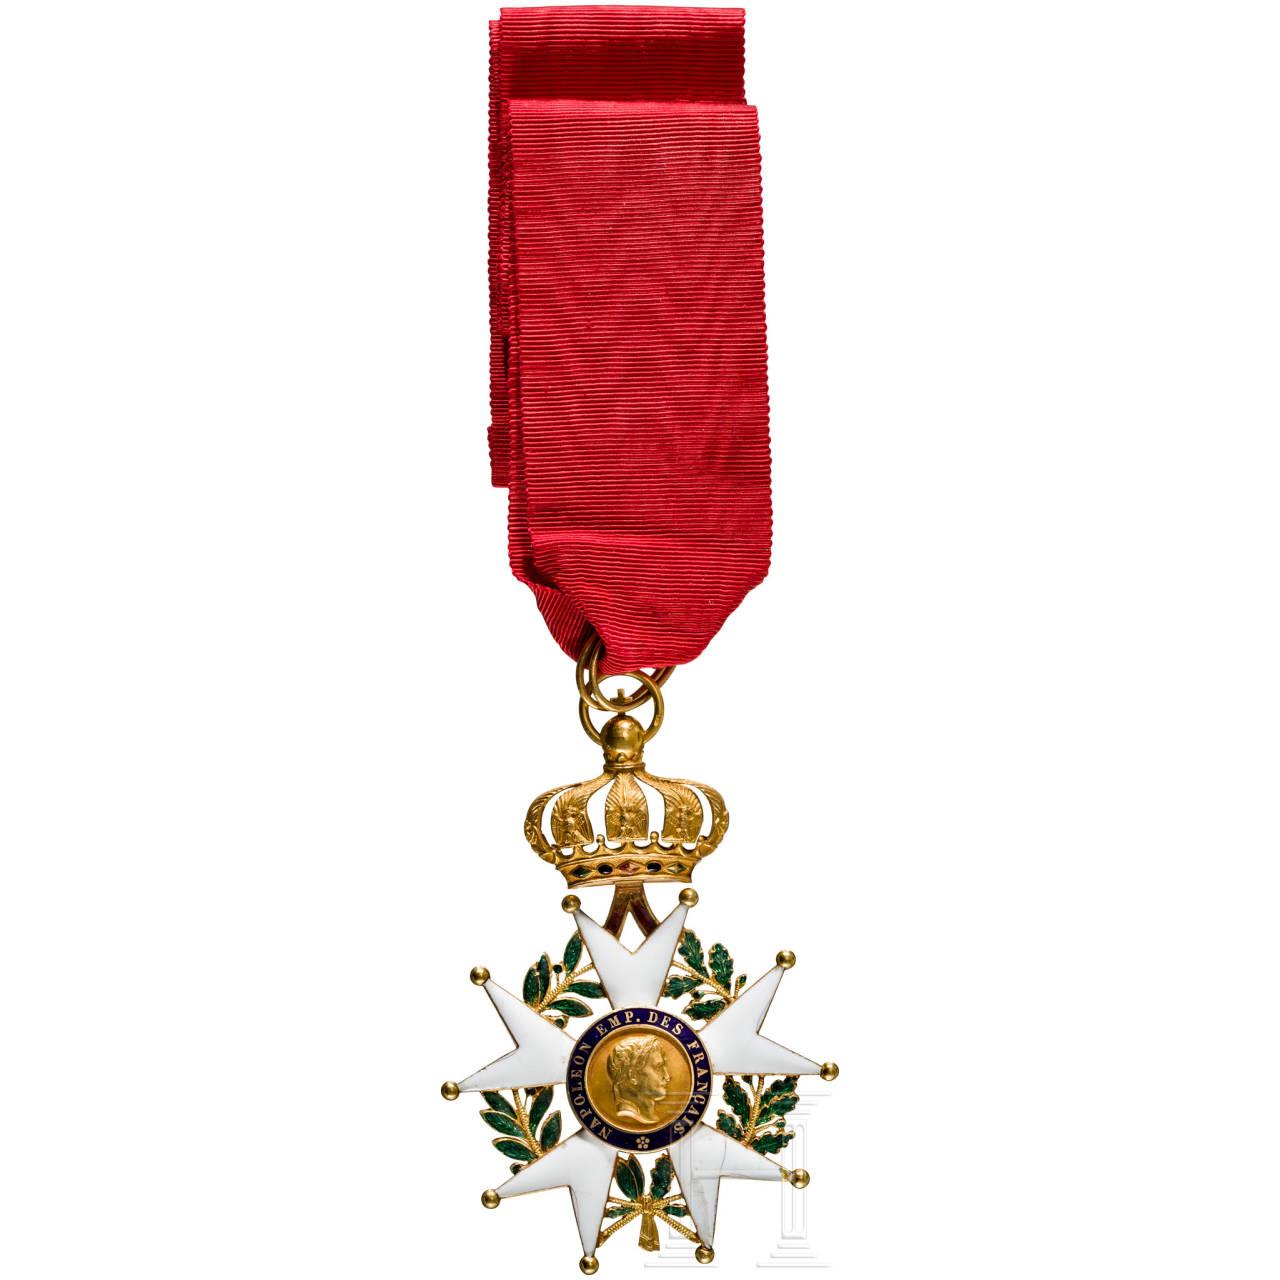 Orden der Ehrenlegion - Kommandeurkreuz des Zweiten Kaiserreichs